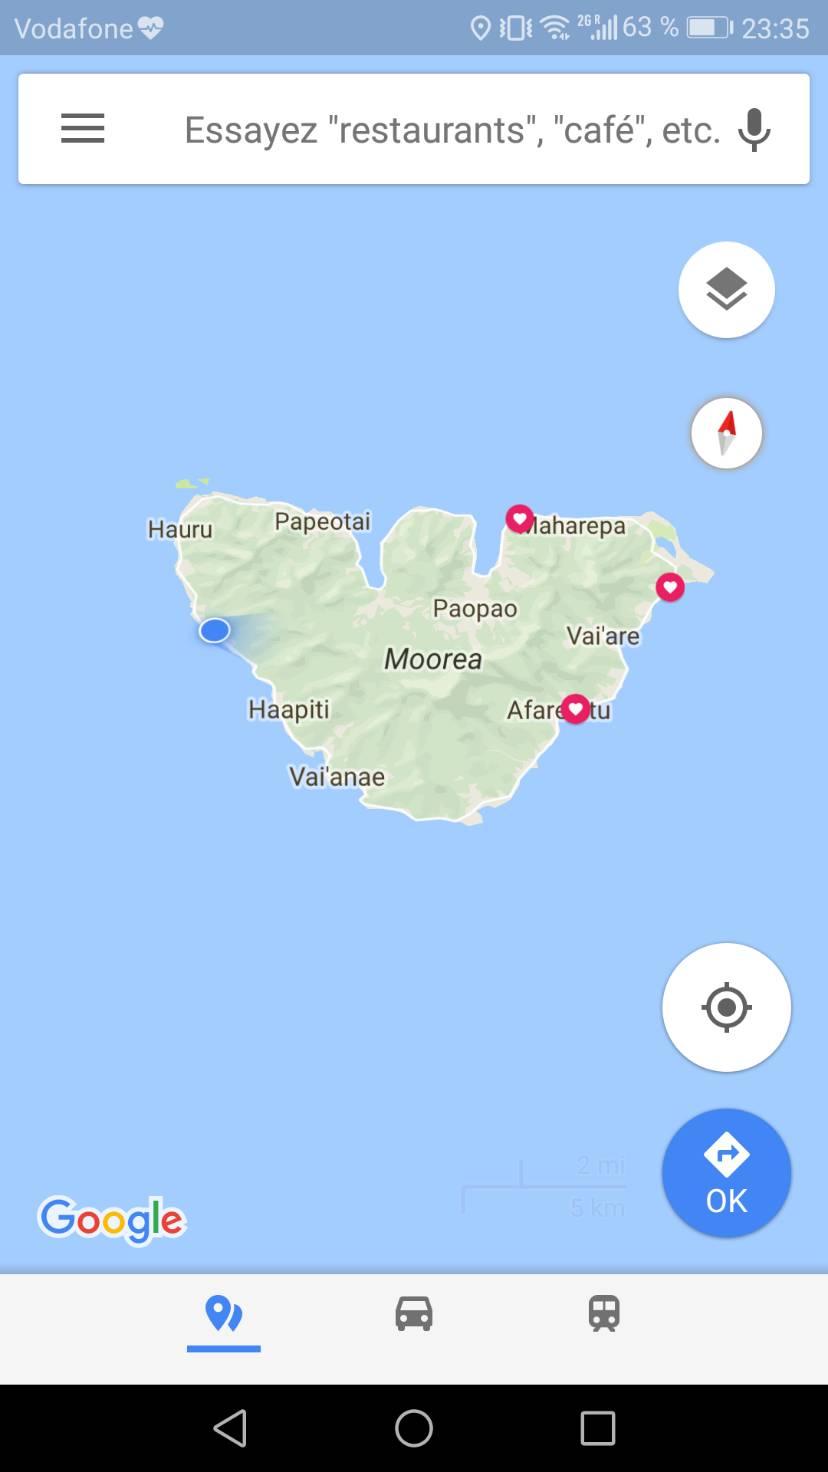 安利一下旅游地,法属波利尼西亚